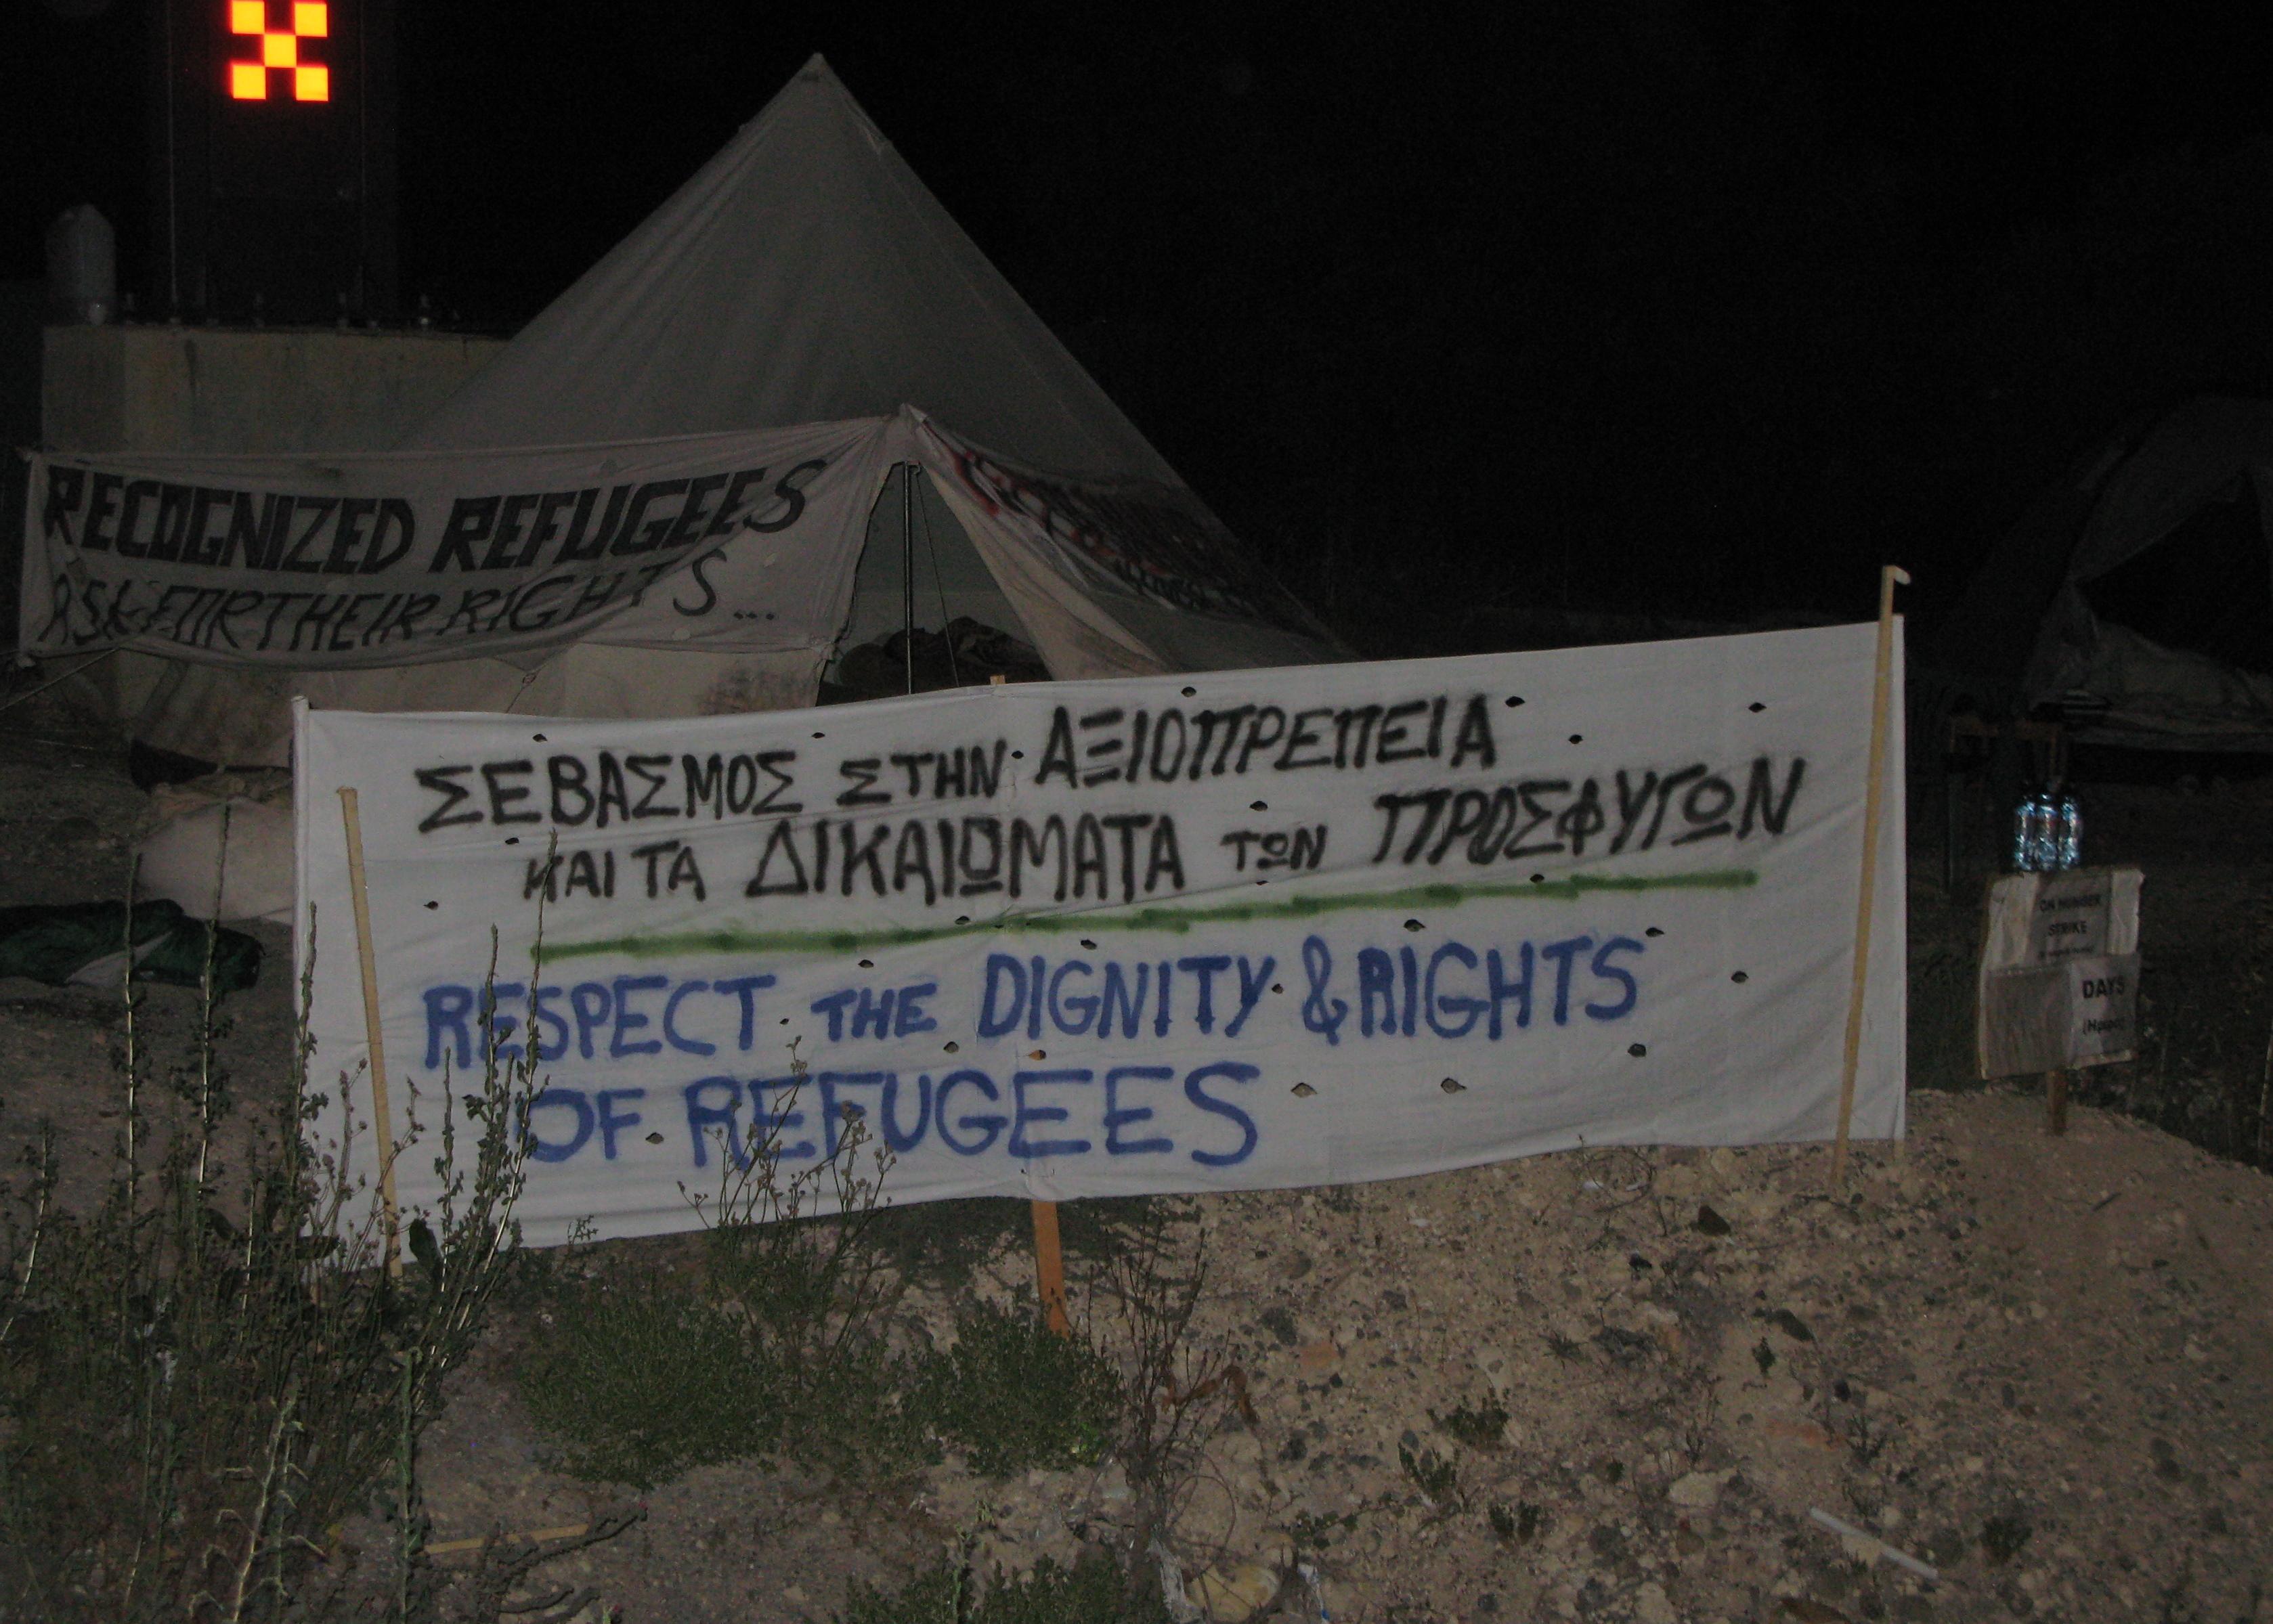 04.06.2014 – Οι αναγνωρισμένοι πρόσφυγες κατήλθαν σε νέα δυναμική διαμαρτυρία και απεργία πείνας μπροστά από την Αντιπροσωπεία της Ύπατης Αρμοστείας των Ηνωμένων Εθνών για τους Πρόσφυγες στην Κύπρο